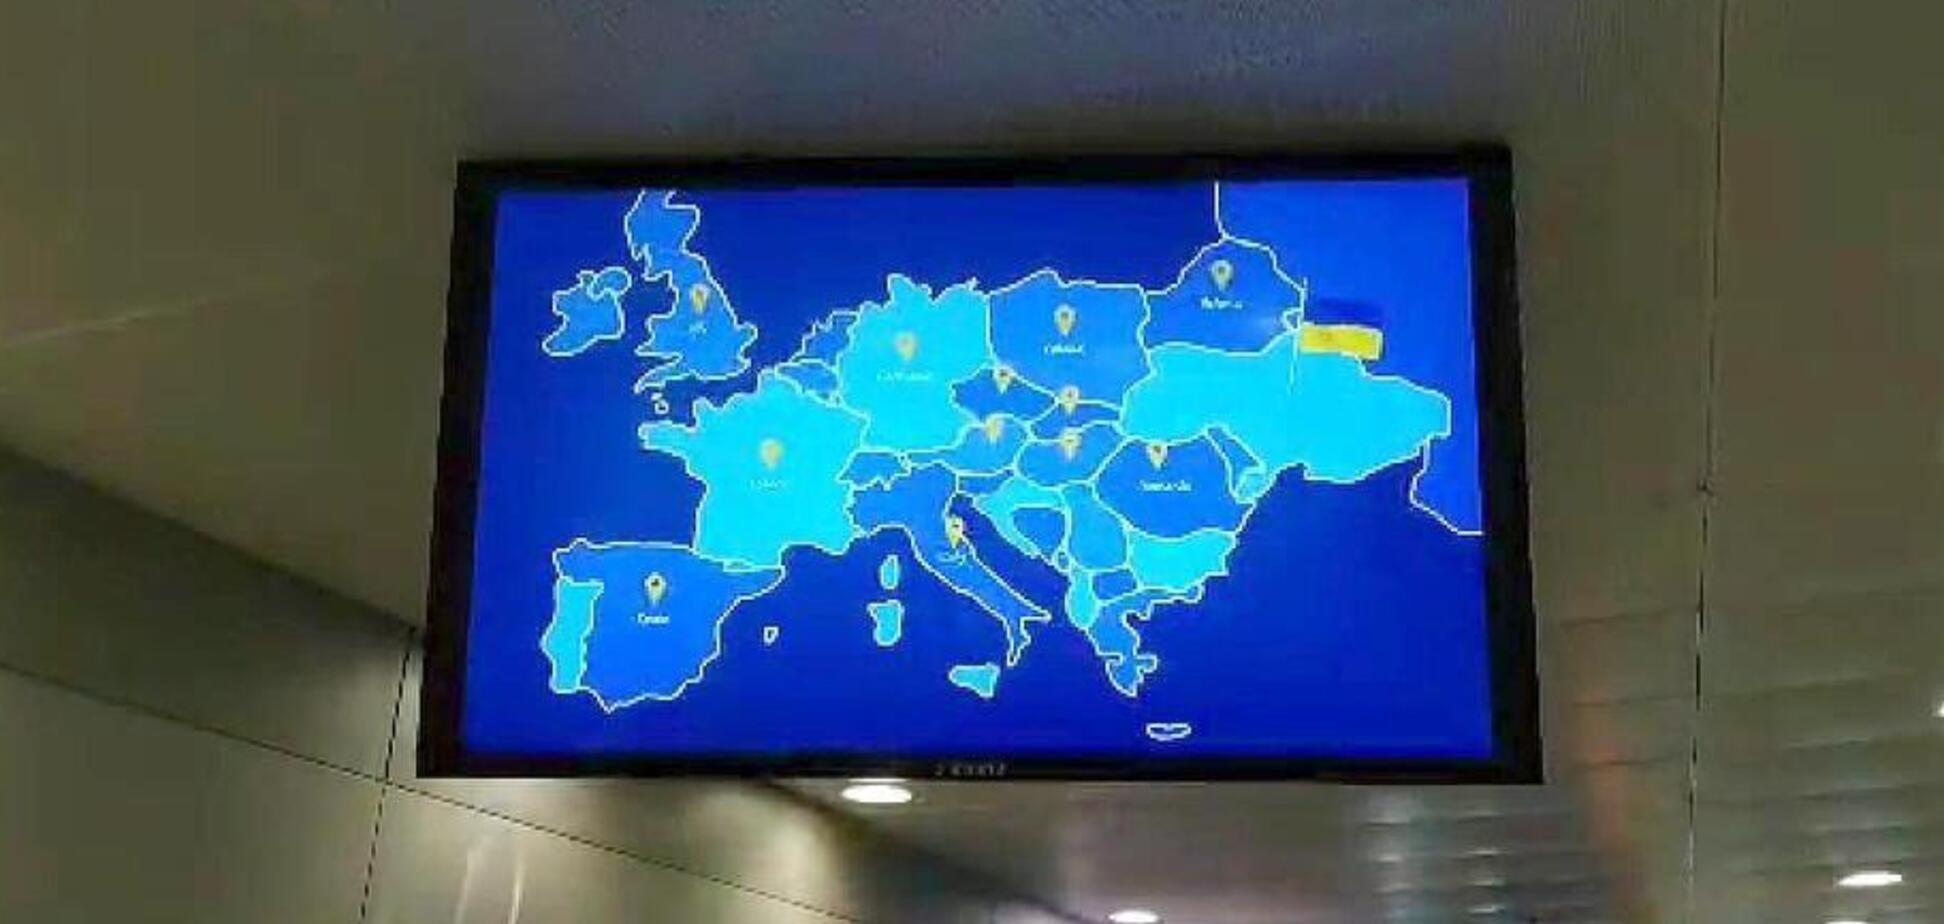 Скандал із картою України в 'Борисполі': названа причина 'зникнення' Криму